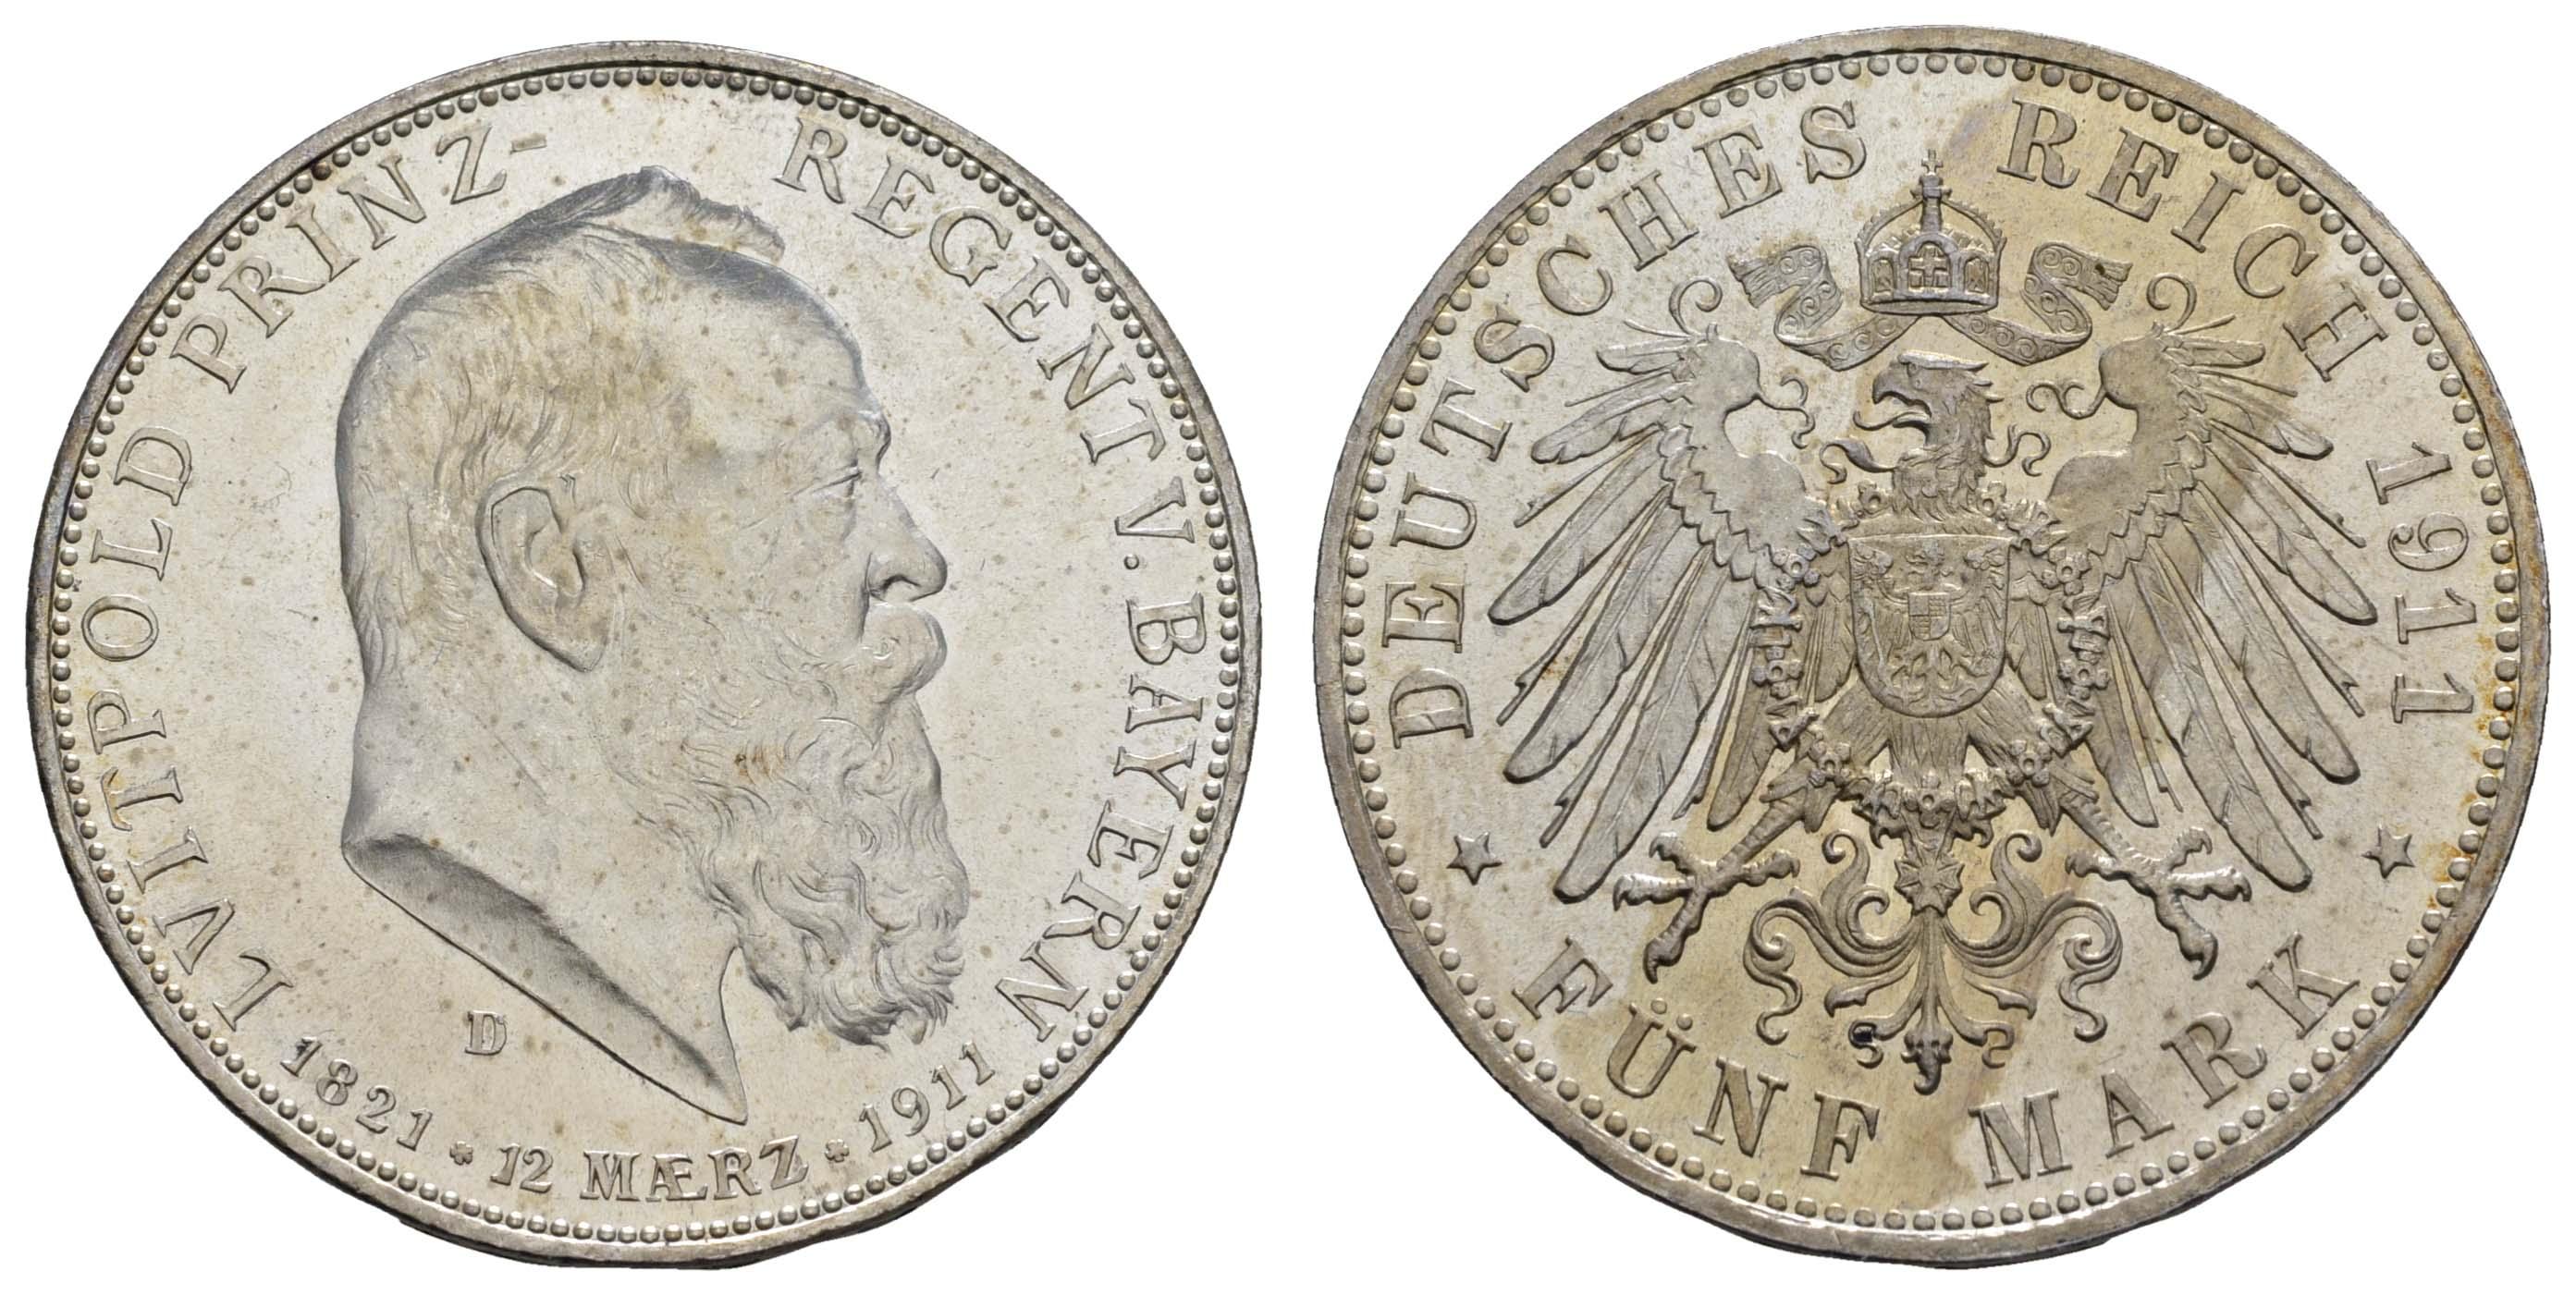 Lot 695 - deutschland Kaiserreich Silbermünzen - Bayern -  Auktionshaus Ulrich Felzmann GmbH & Co. KG Coins single lots